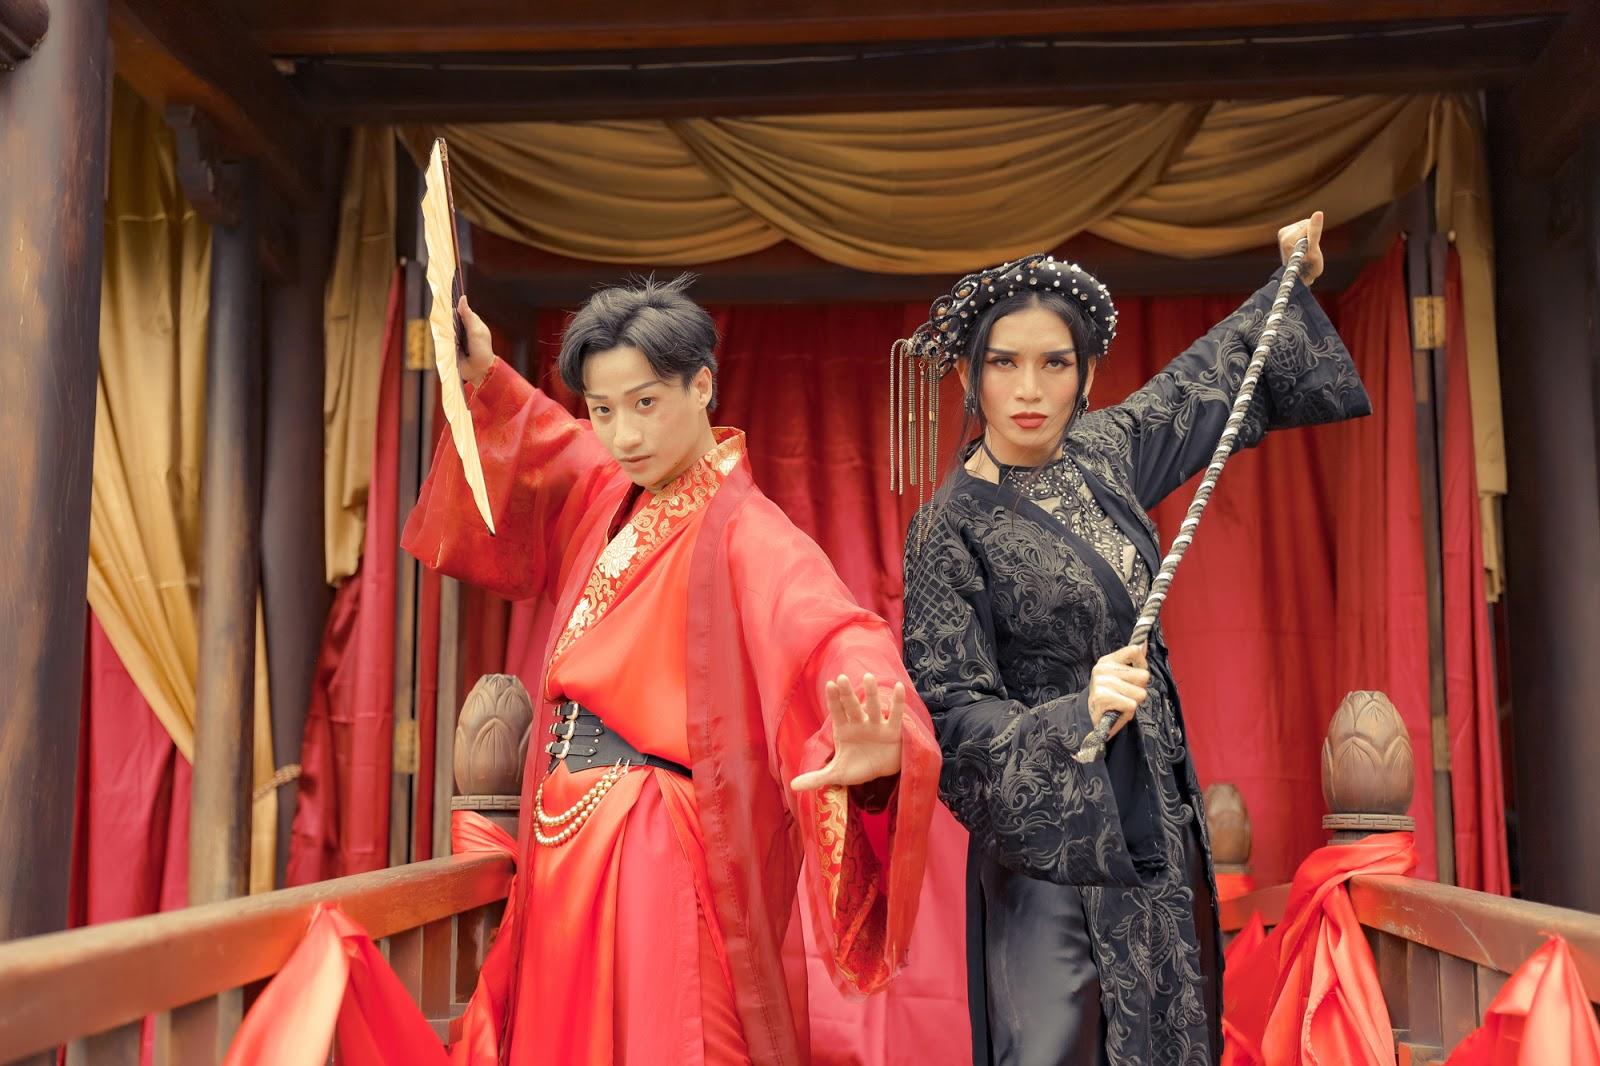 BB Trần, Hải Triều thần thái sắc lẹm, chặt chém hội chị em trong web drama cổ trang của Adam Lâm - Hình 1